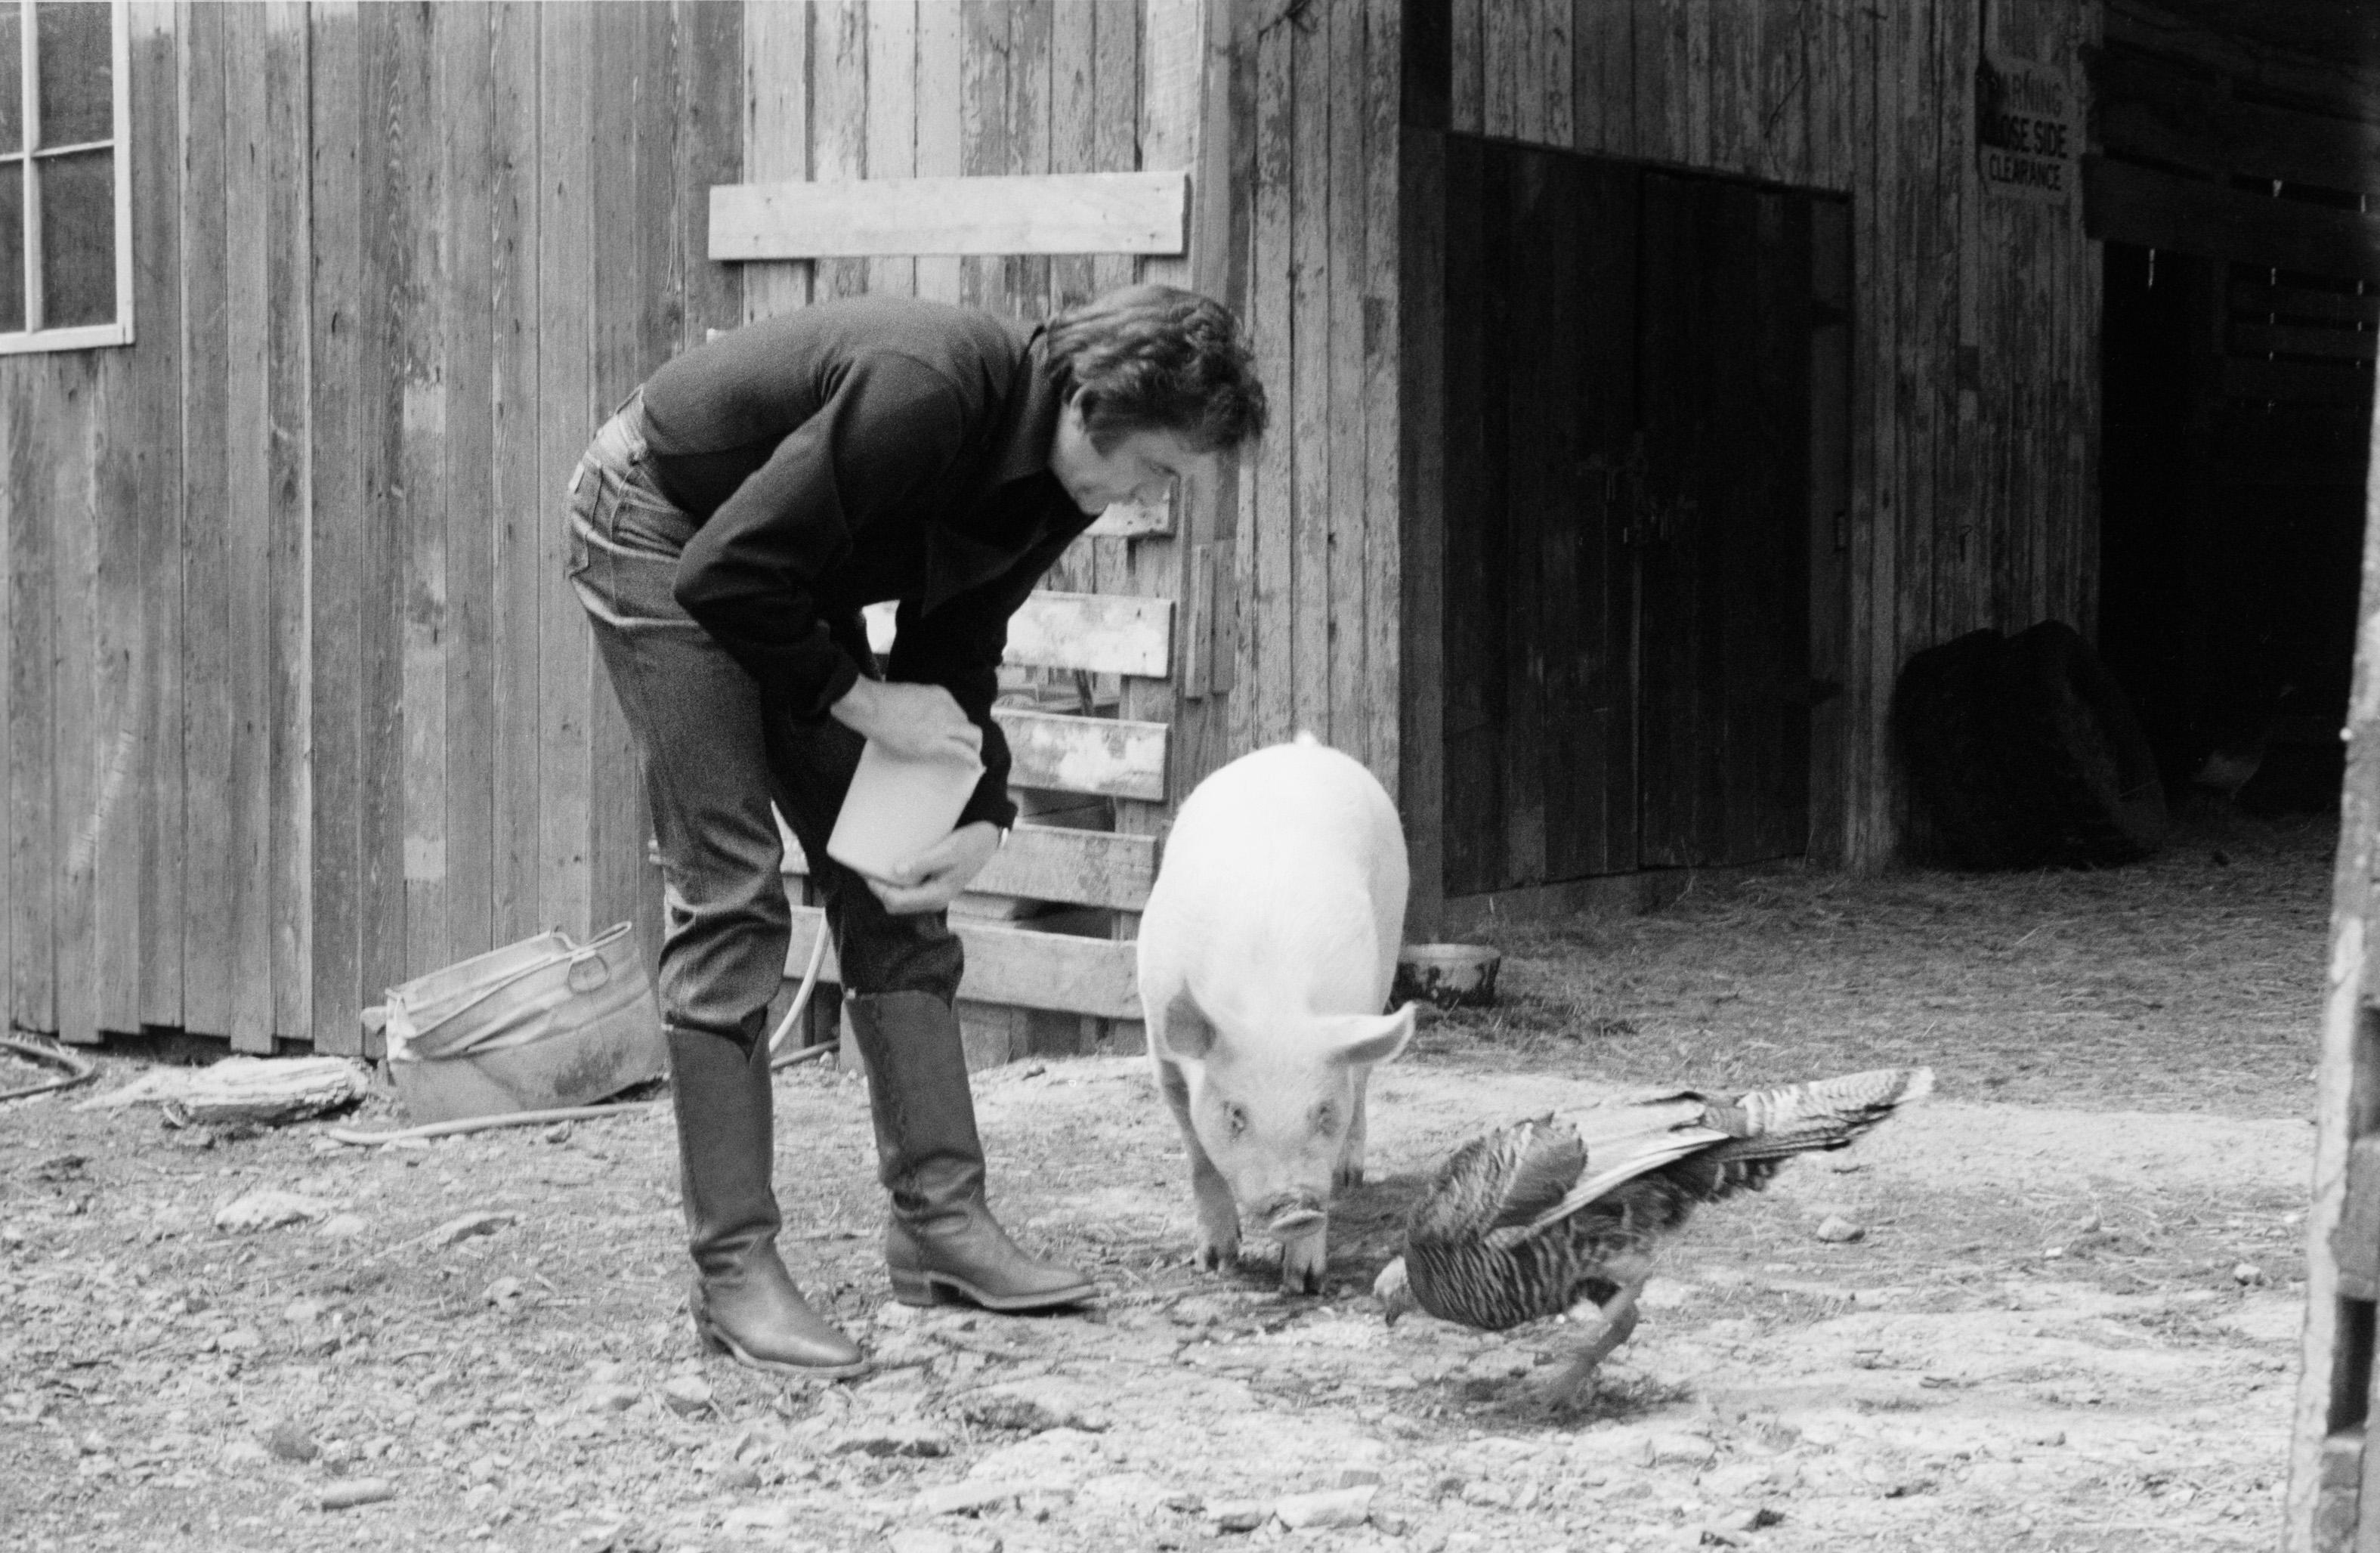 Stuart: J. R. Cash and Snorkle the Pig, 1982